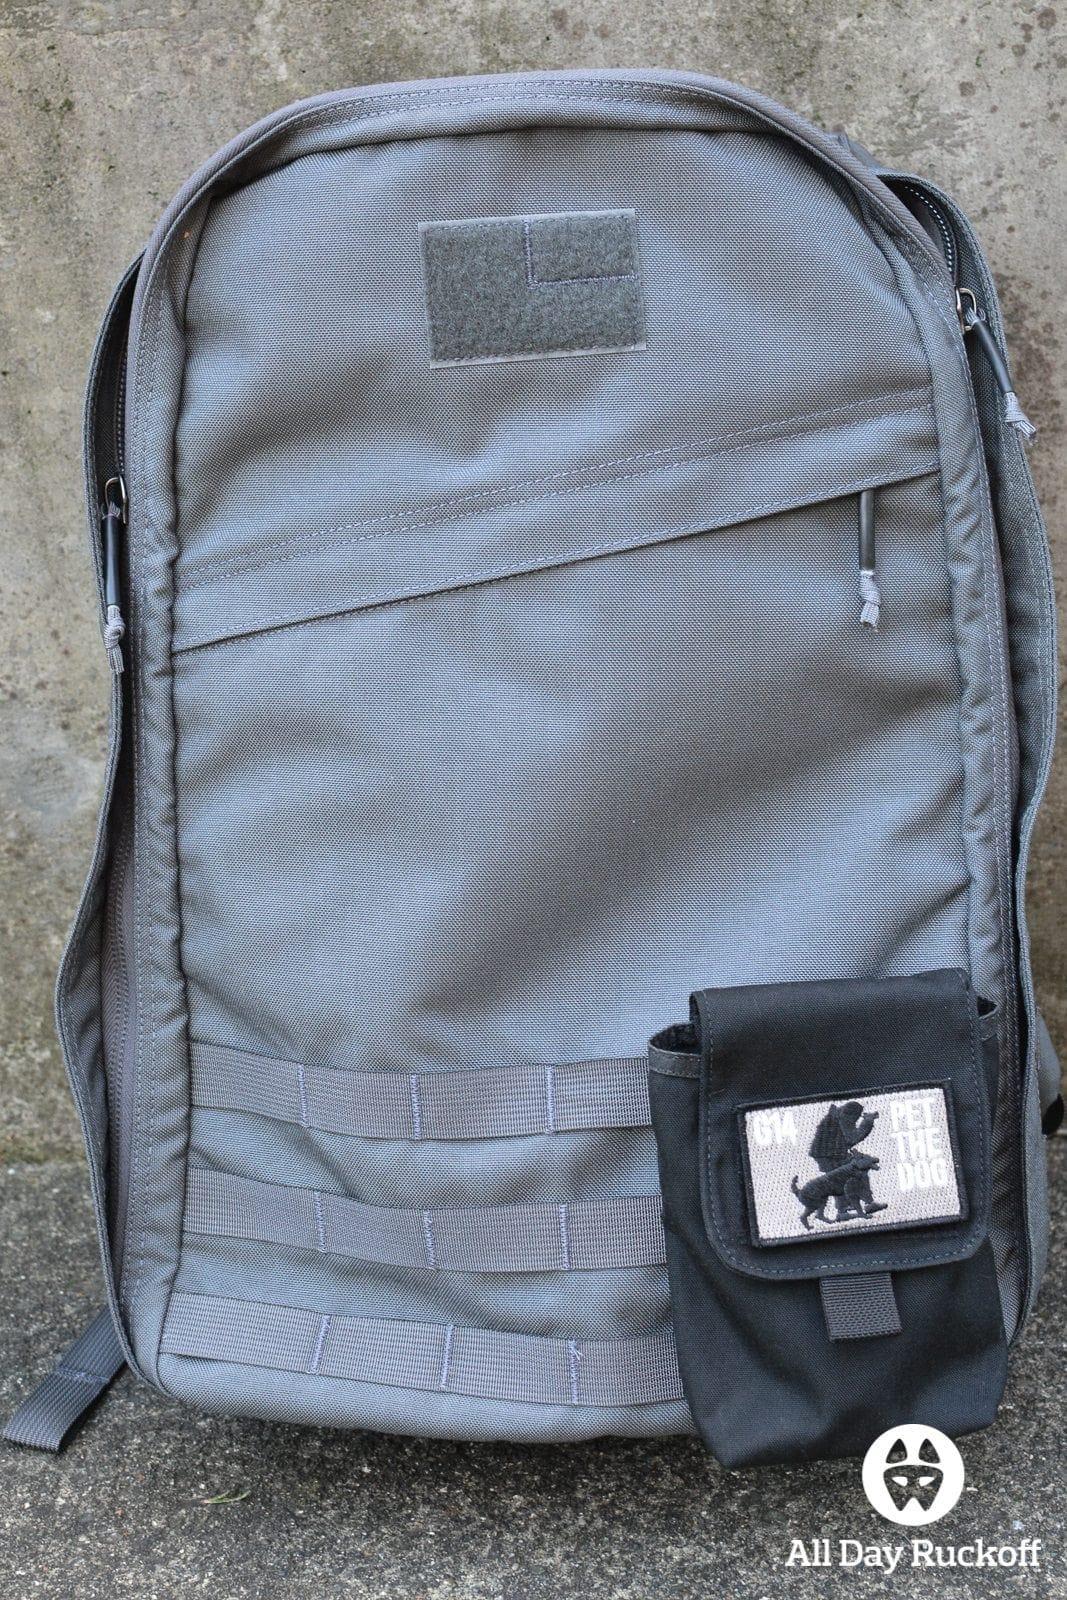 GORUCK Side Pocket Attached Back